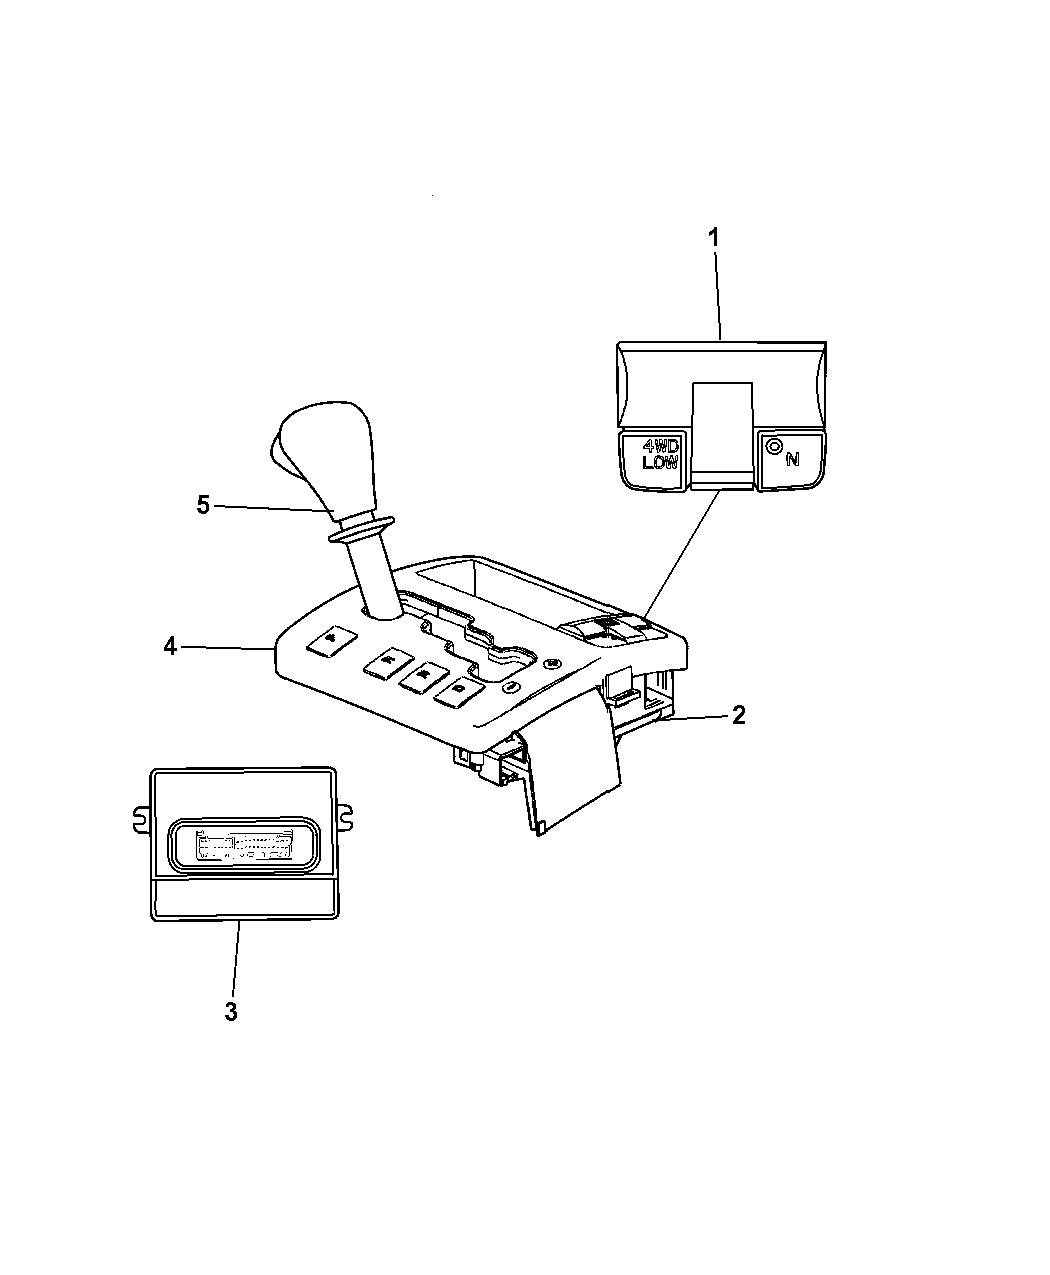 2008 Jeep Commander Shifter & Controls